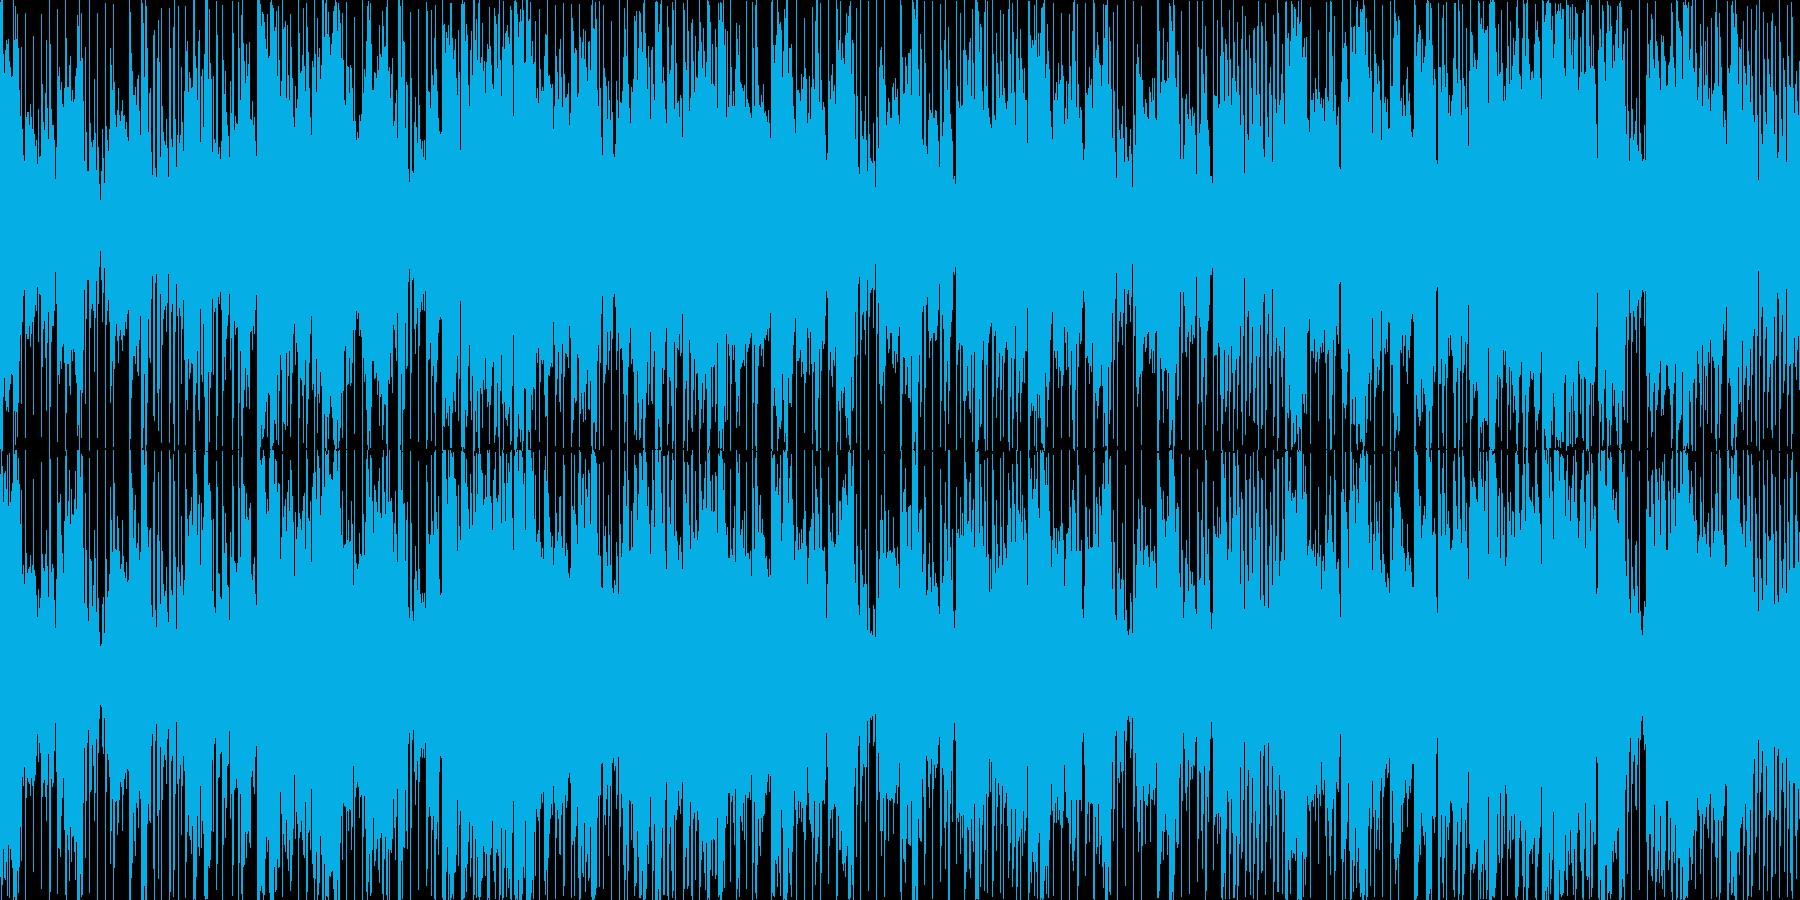 メニュー選択シーン_ファンクジャズ系の再生済みの波形